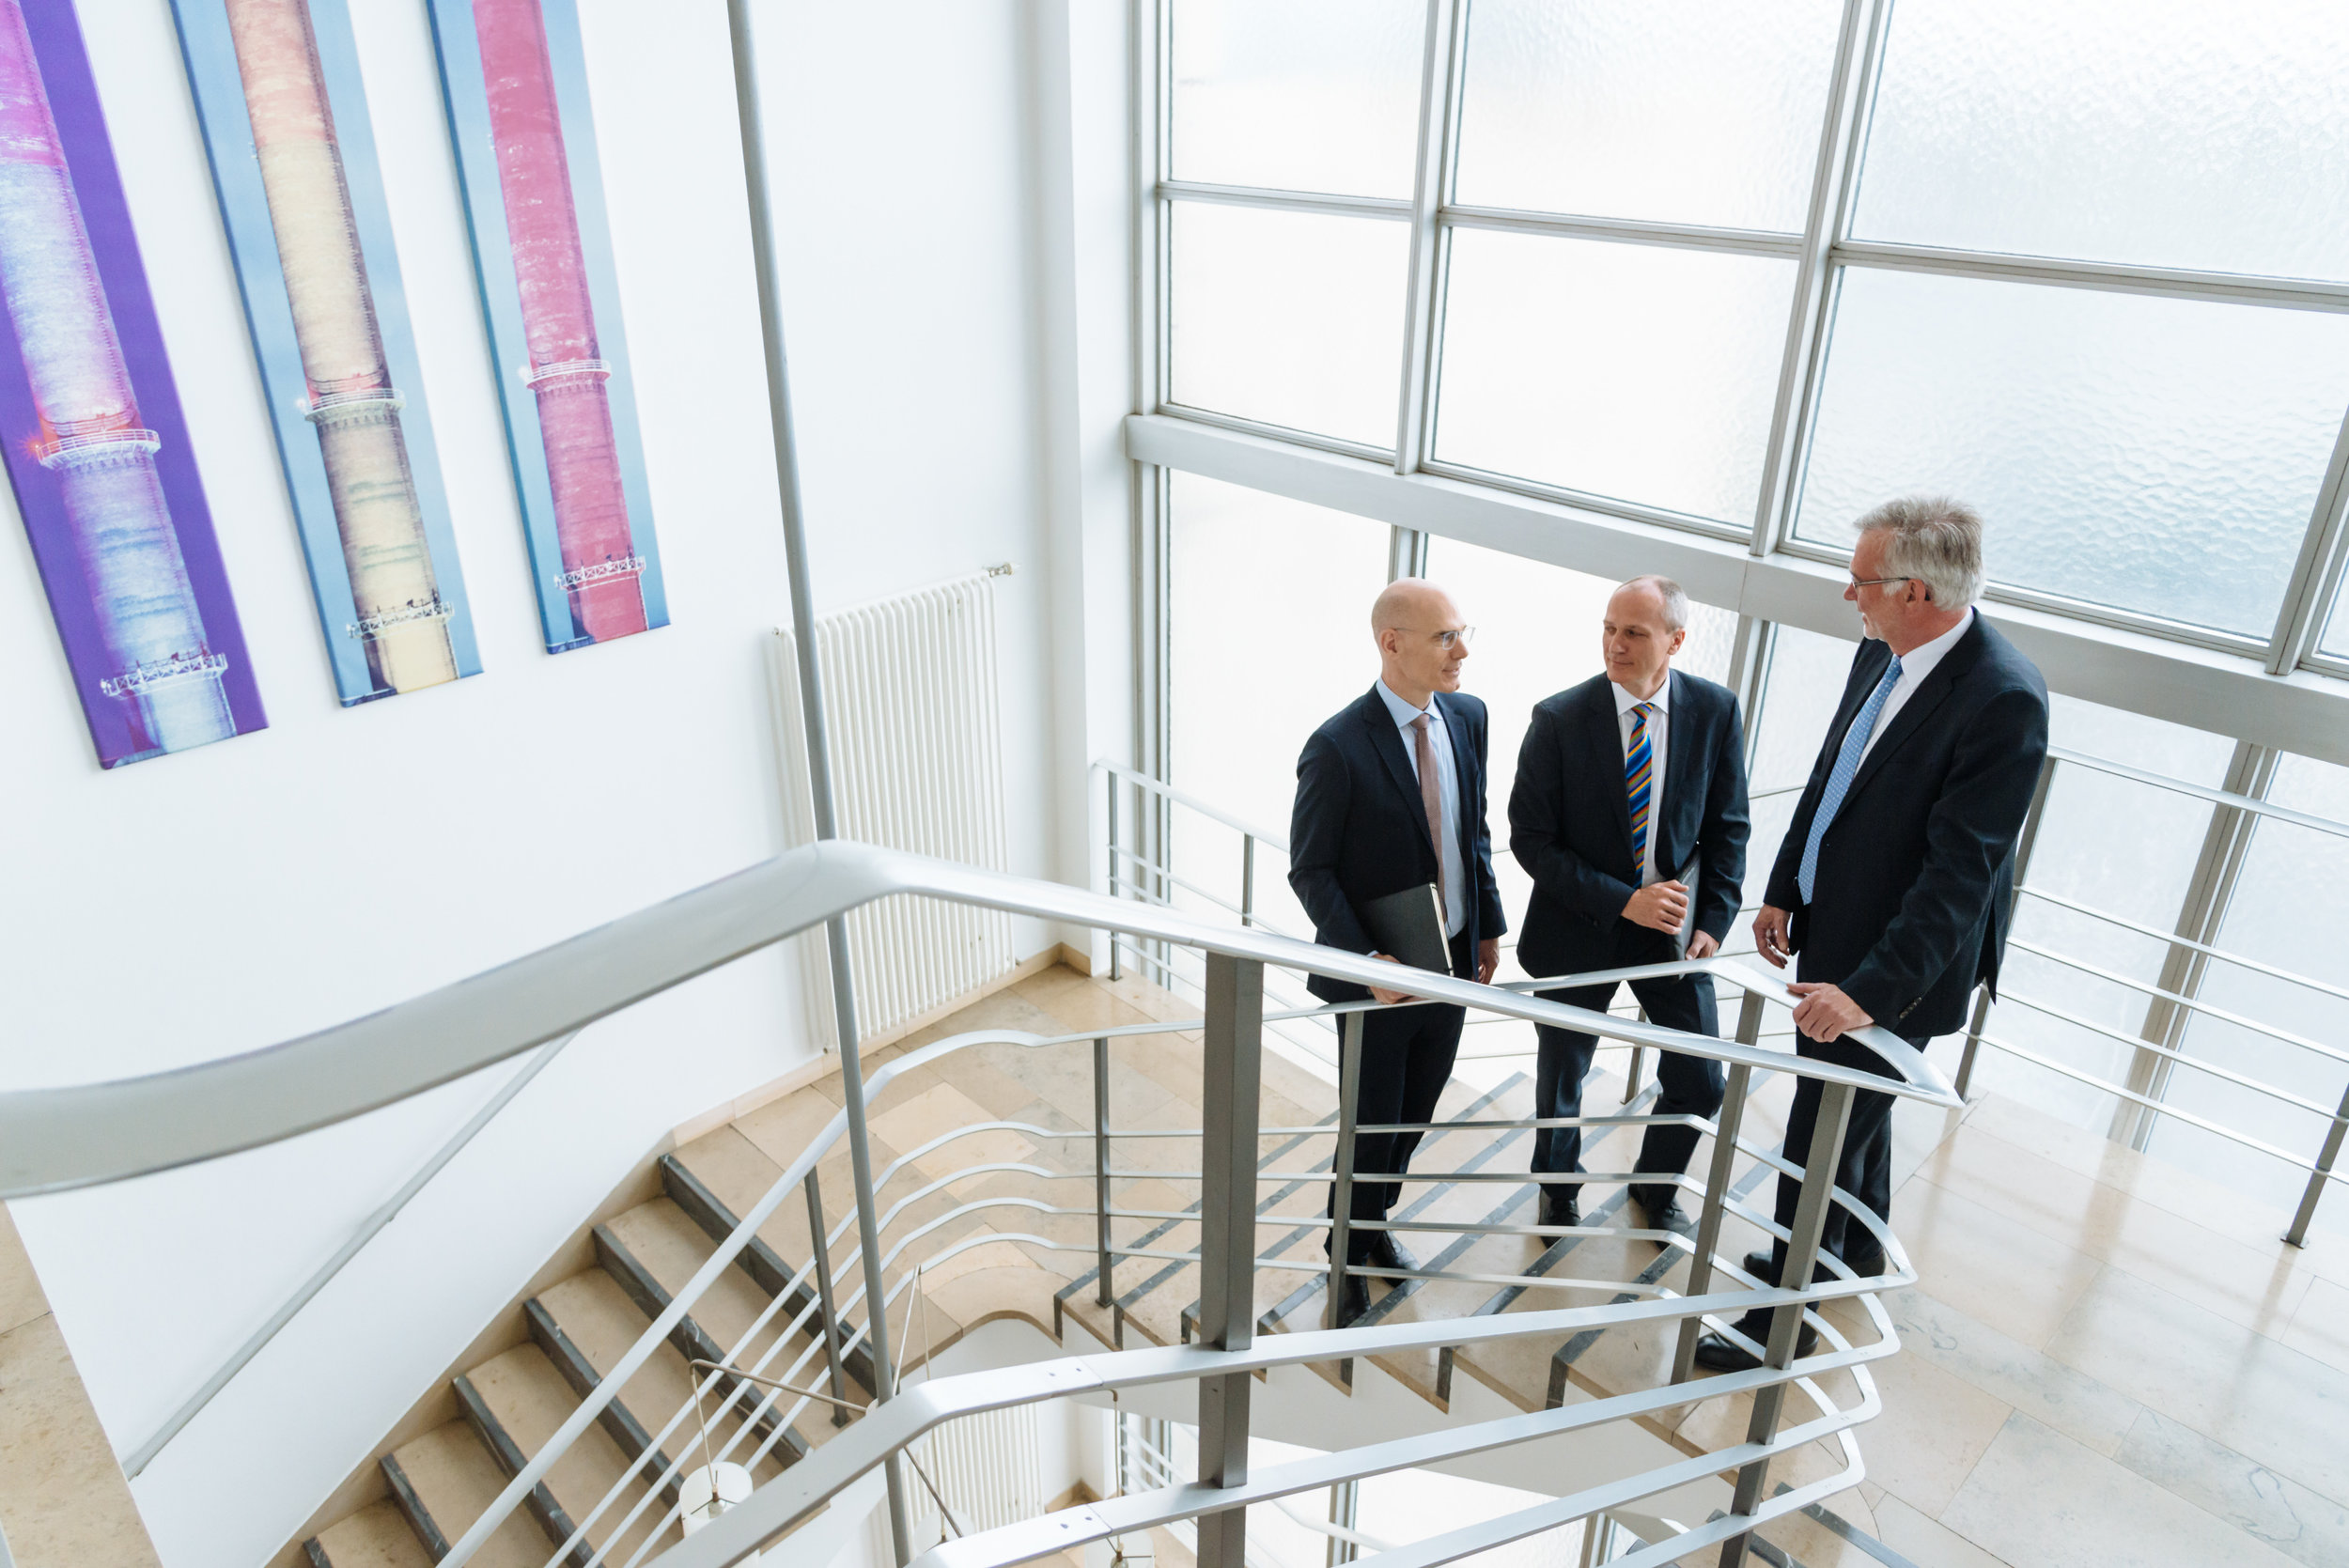 Die Geschäftsführung der Interargem, Bielefeld 2017